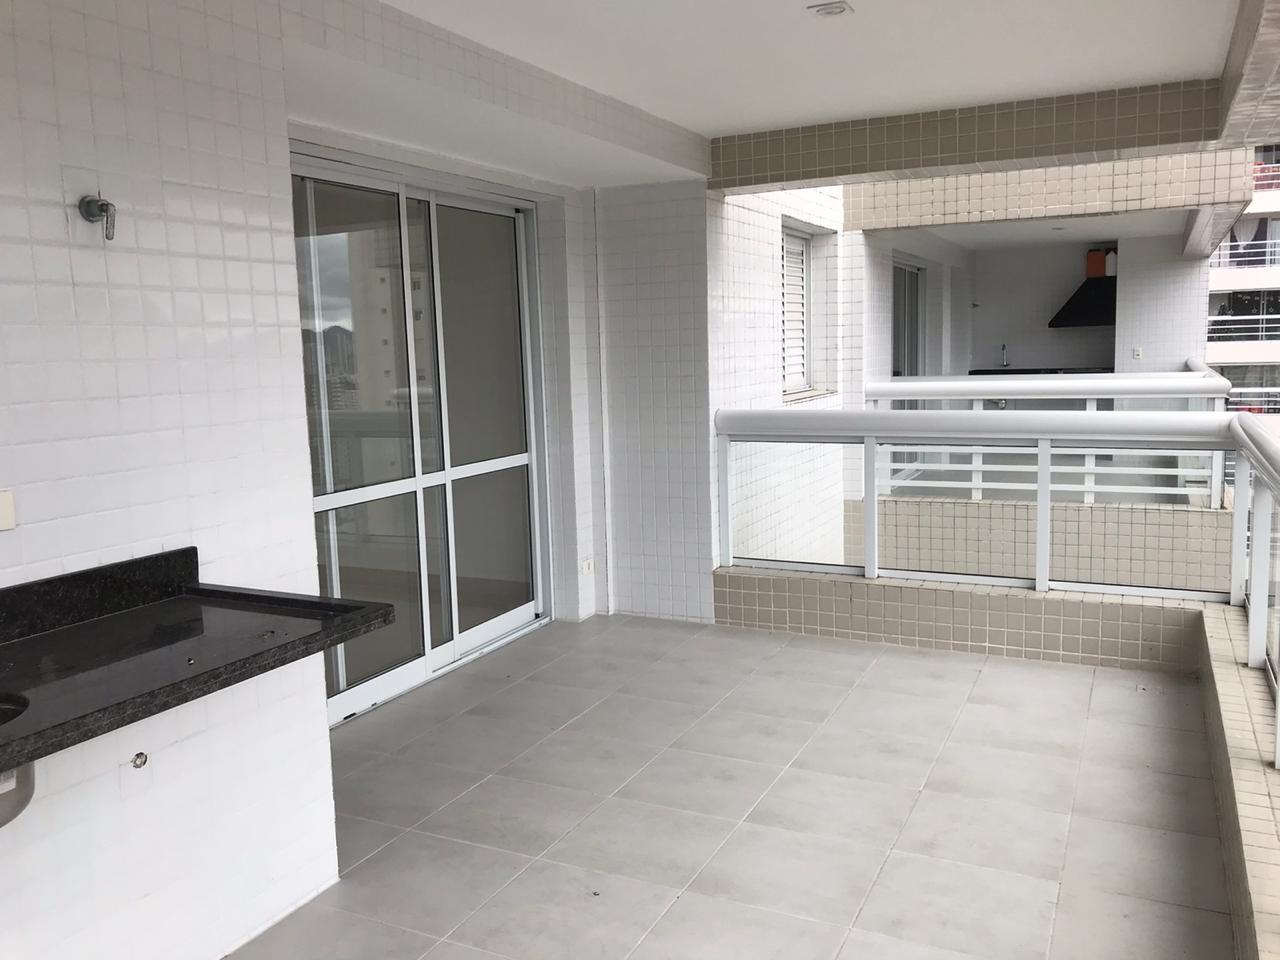 apartamento novo 2 dormitórios com 1 suite e uma varanda gourmet. - foto 15